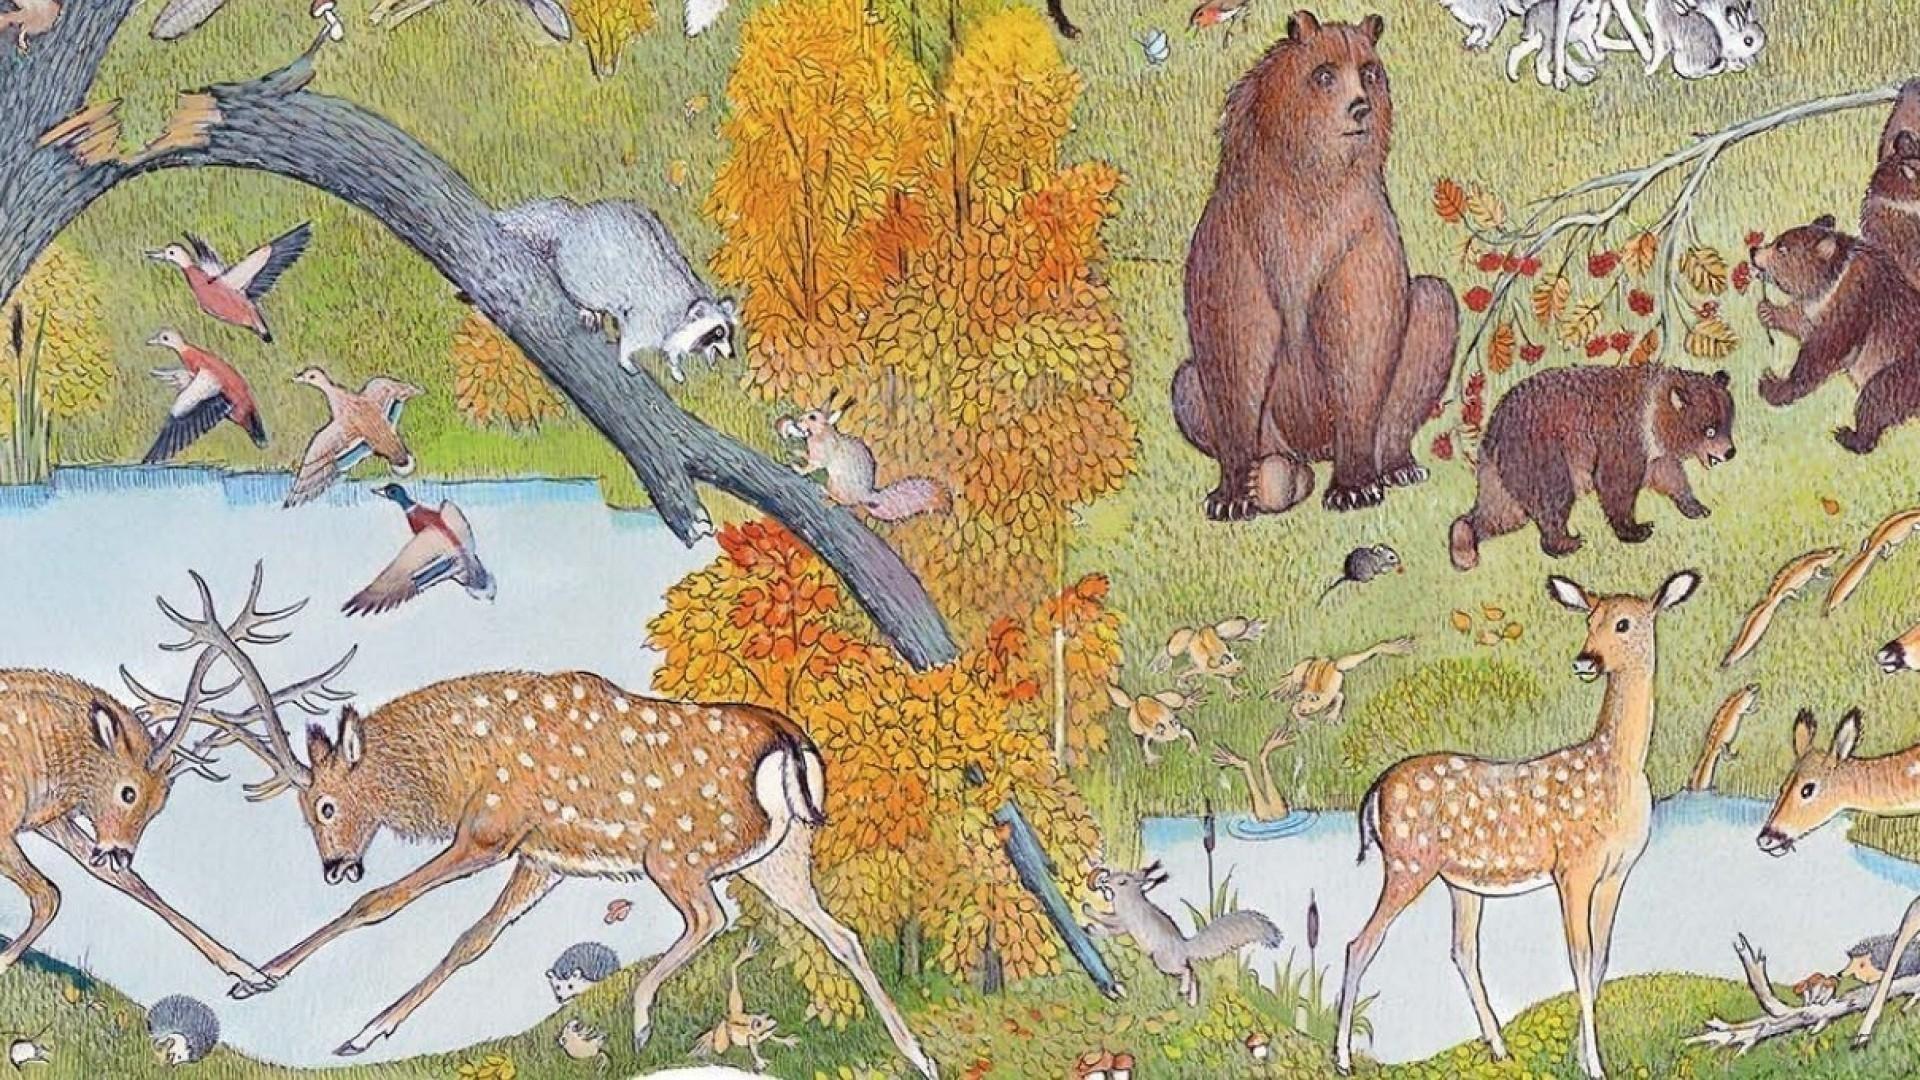 Пётр Багин: «Такую книгу я хотел бы иметь в детстве»